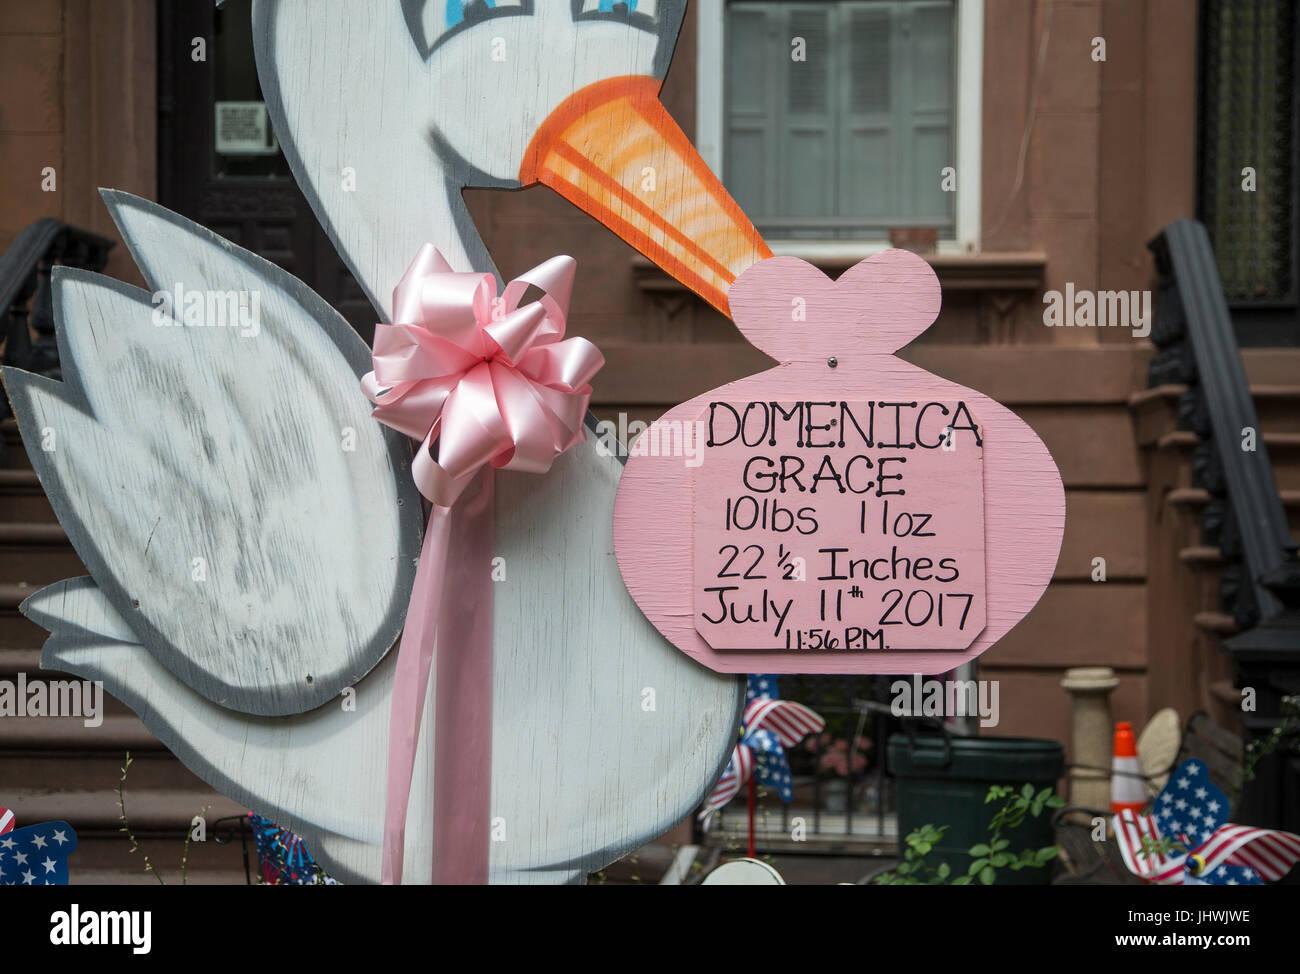 Anuncio de nacimiento en frente de un Brooklyn brownstone Imagen De Stock